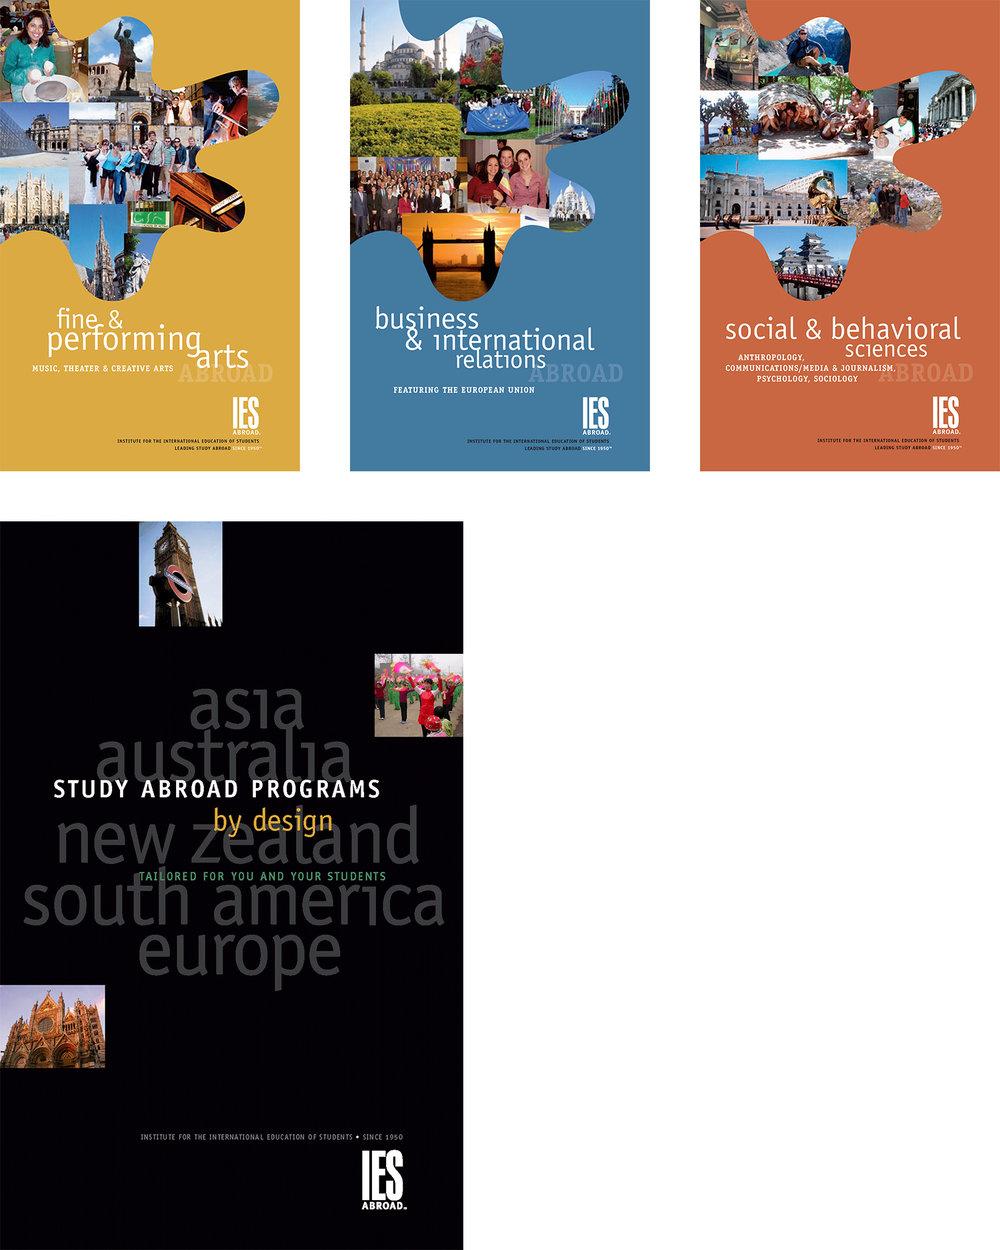 IES_D_brochures_2.jpg